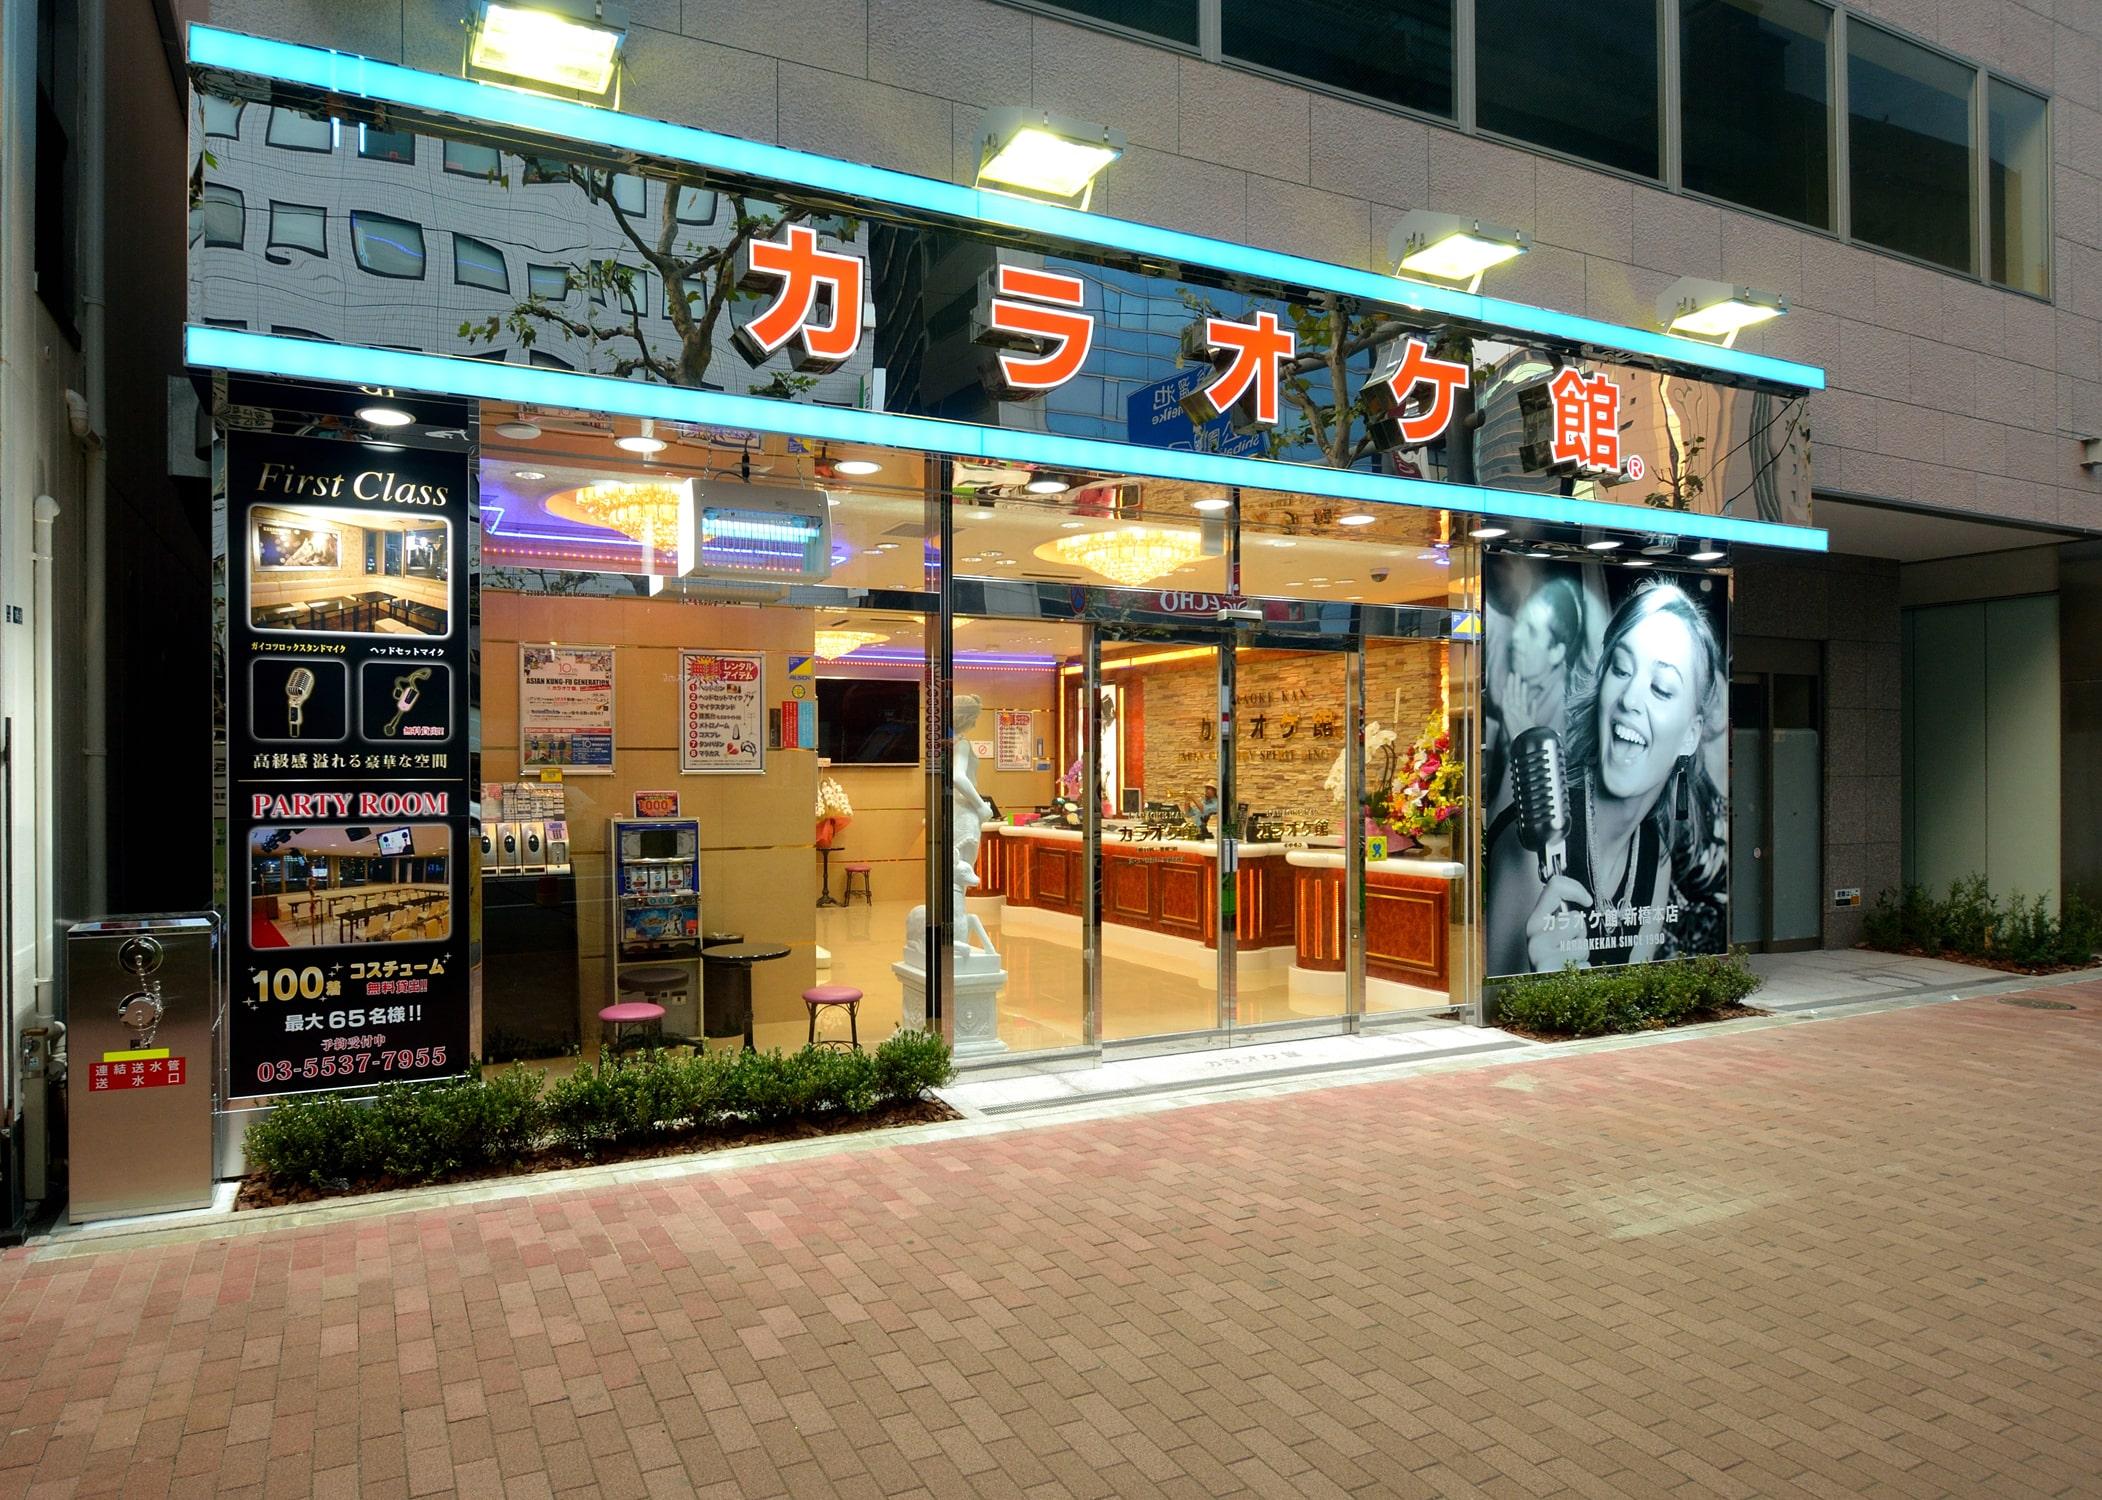 カラオケ館 練馬店